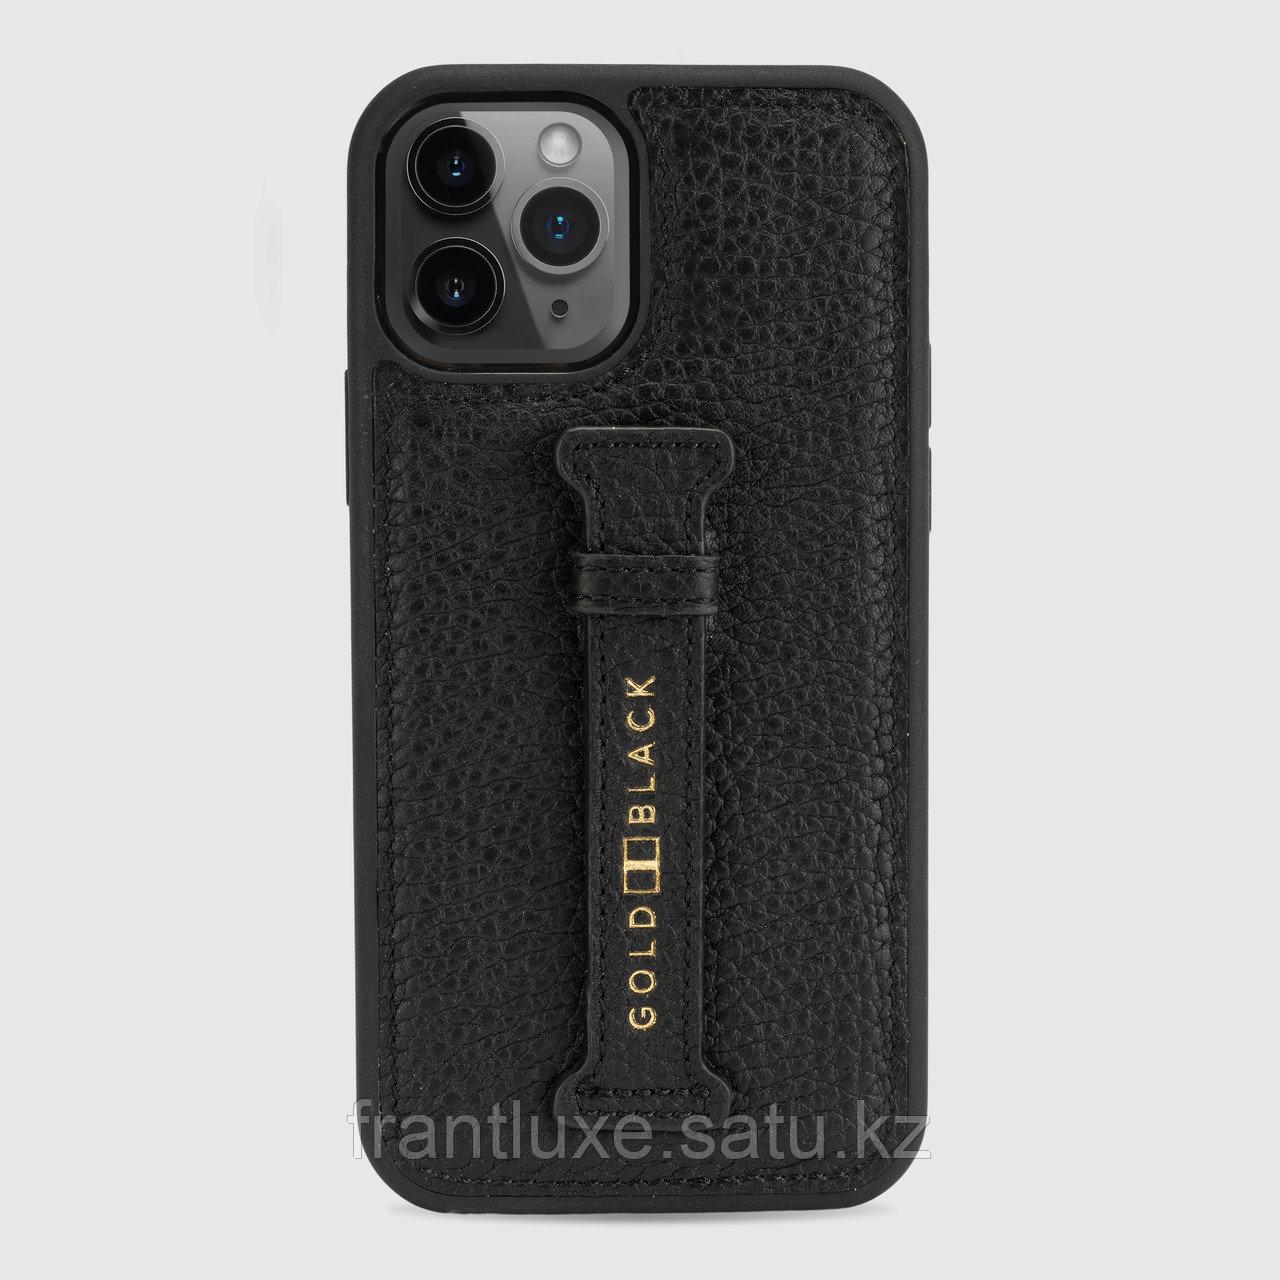 Чехол для телефона iPhone 12/12 Pro с ремешком-держателем Nappa чёрный - фото 1